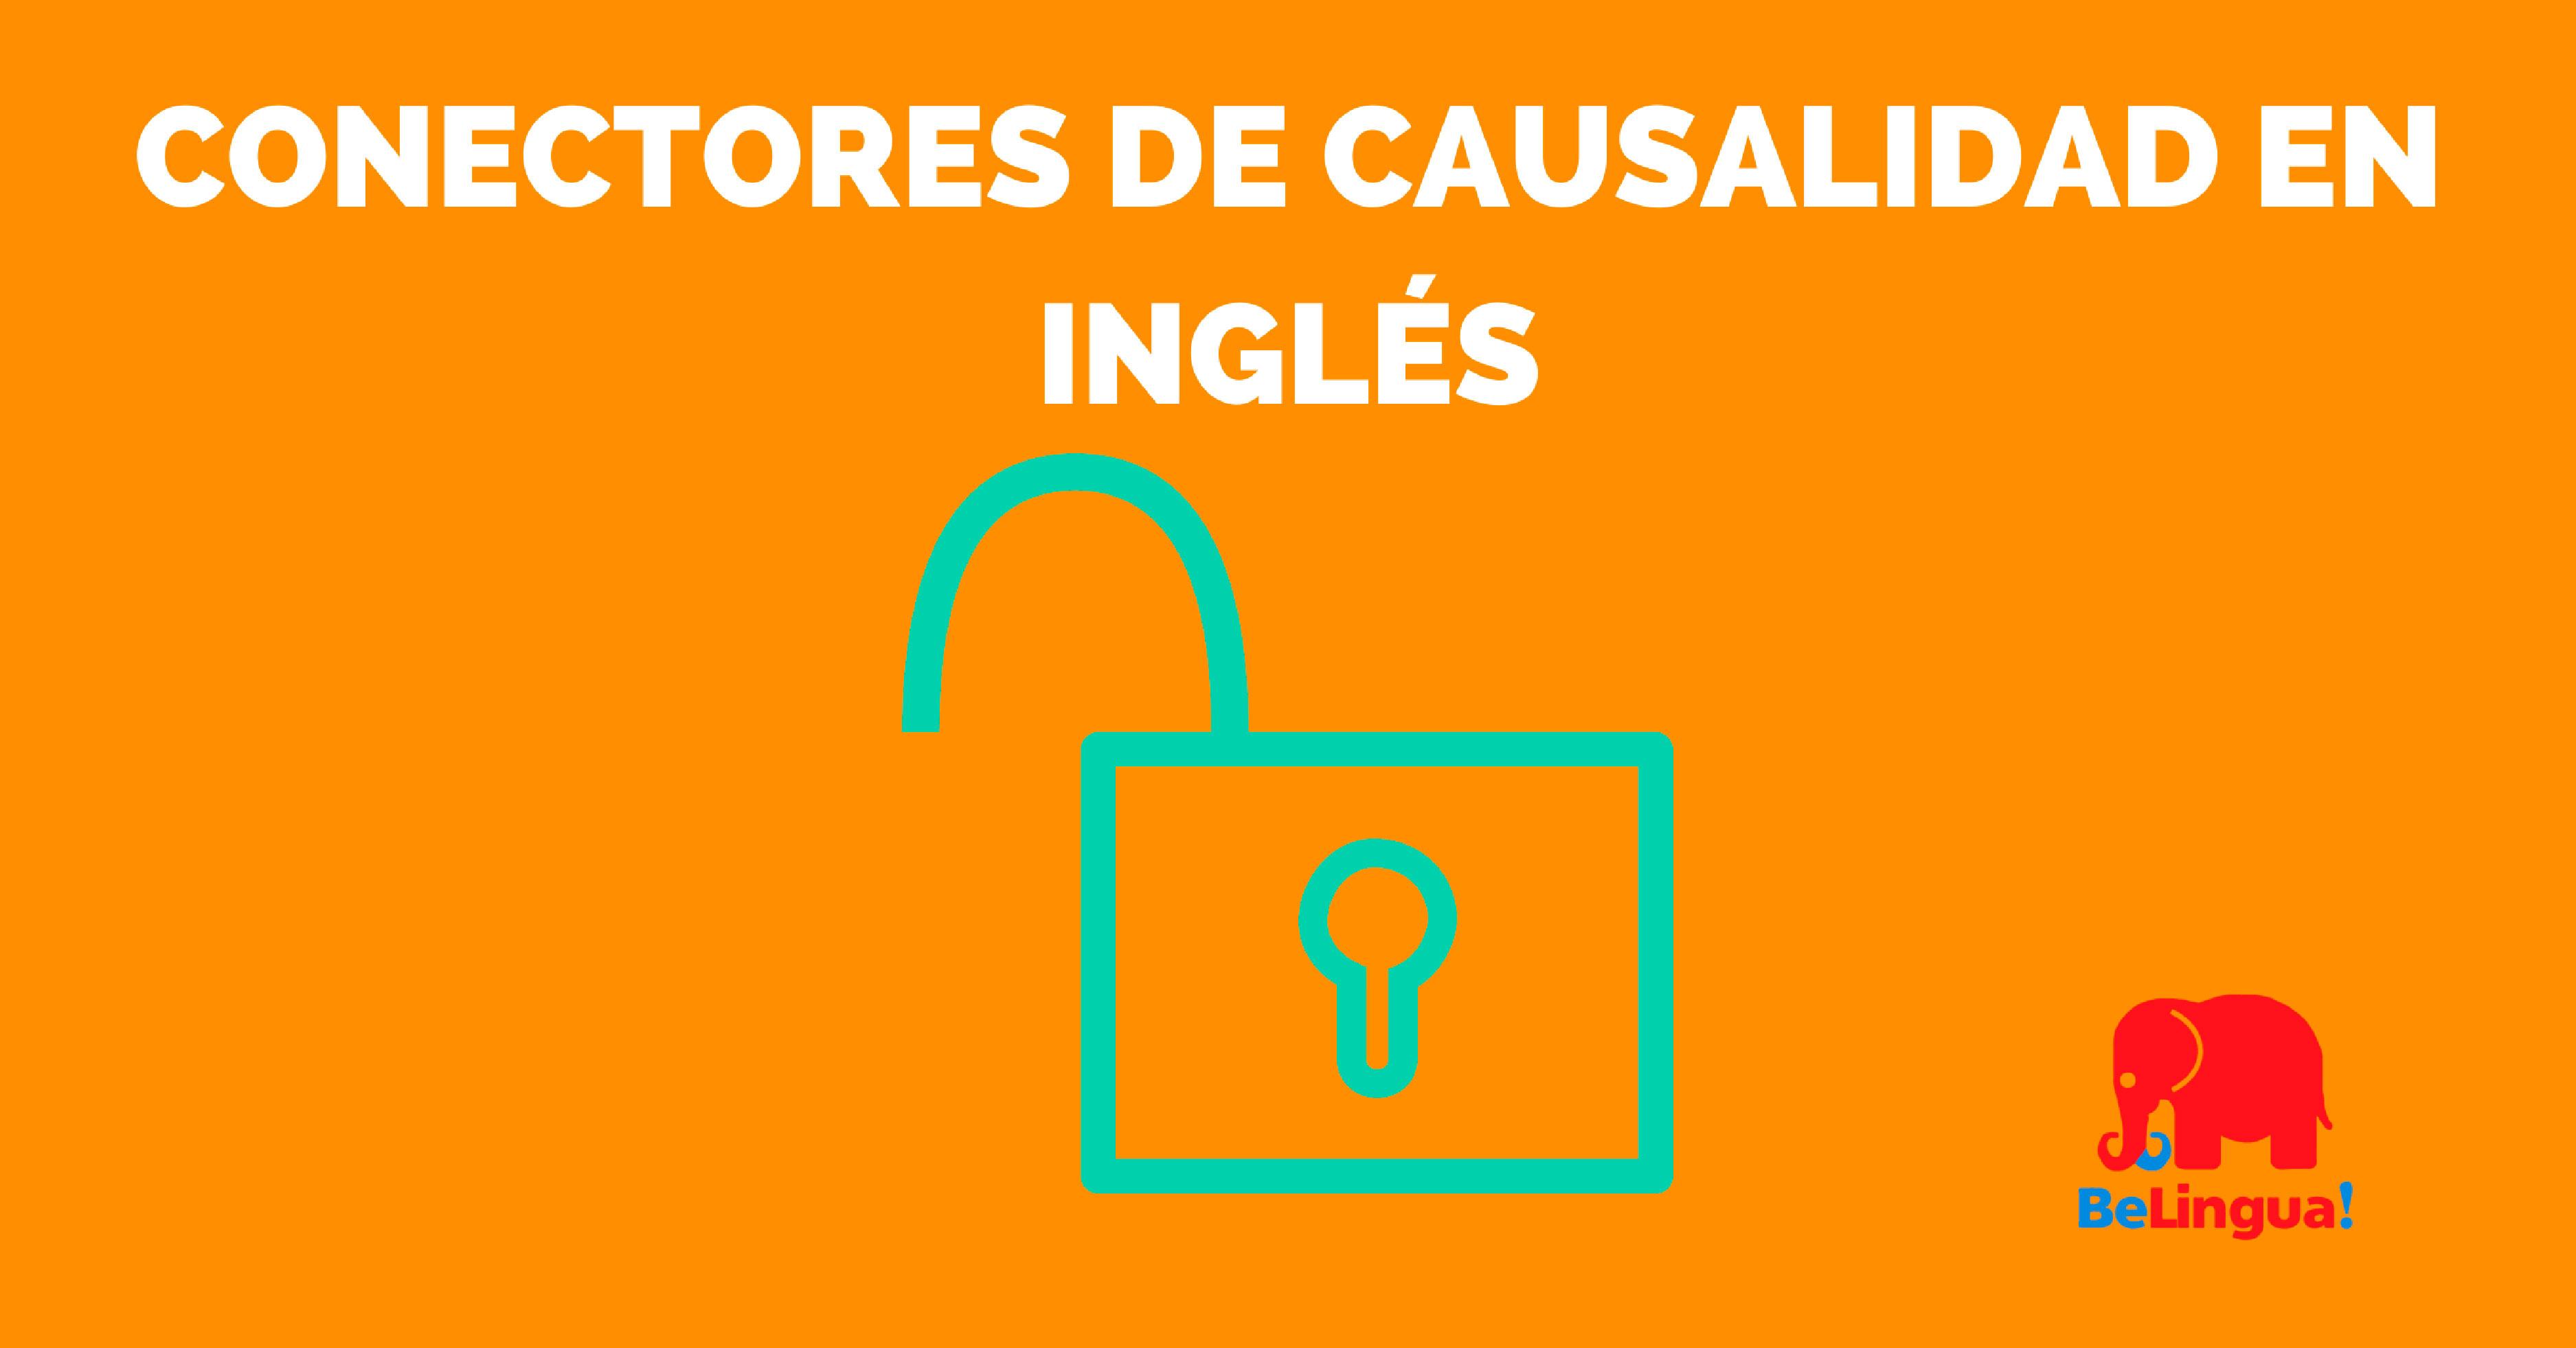 Conectores de causalidad en inglés